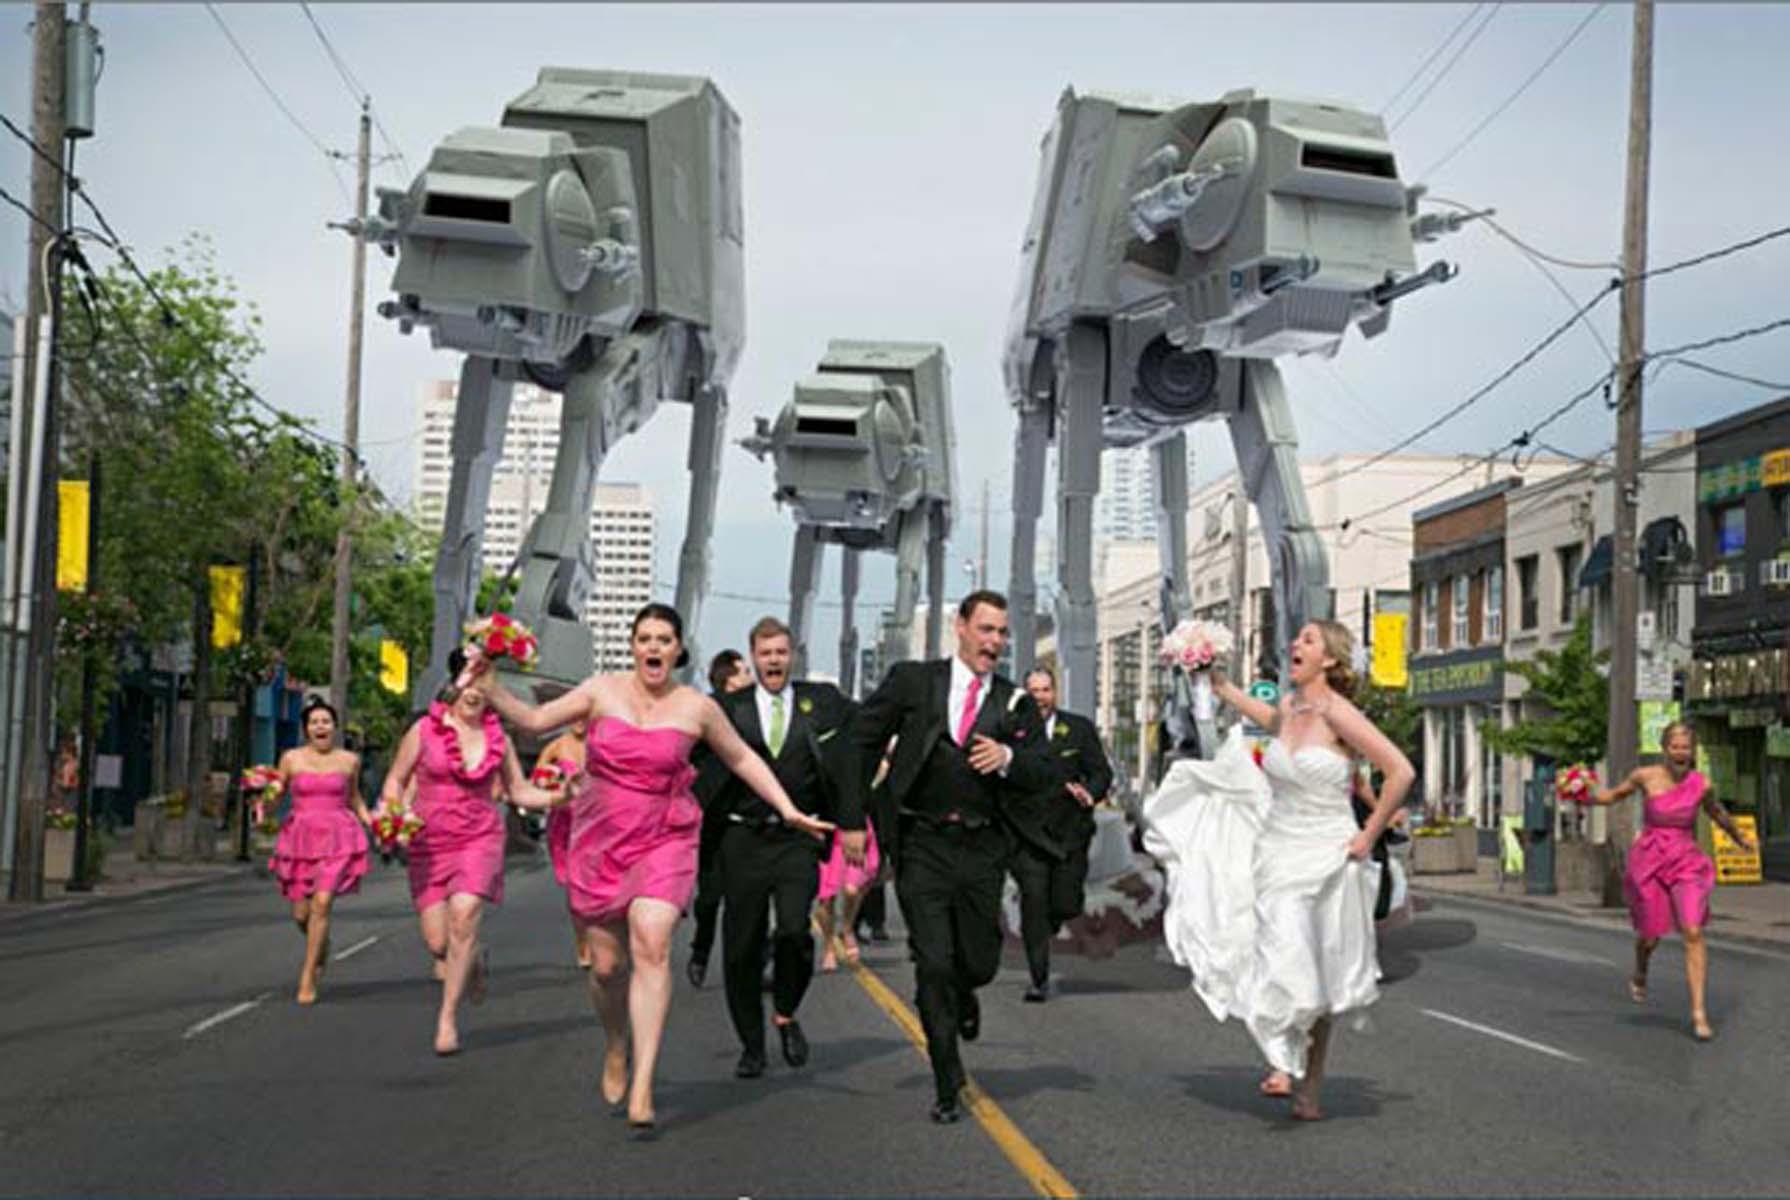 fotomontaje-bodas-ciencia-ficcion